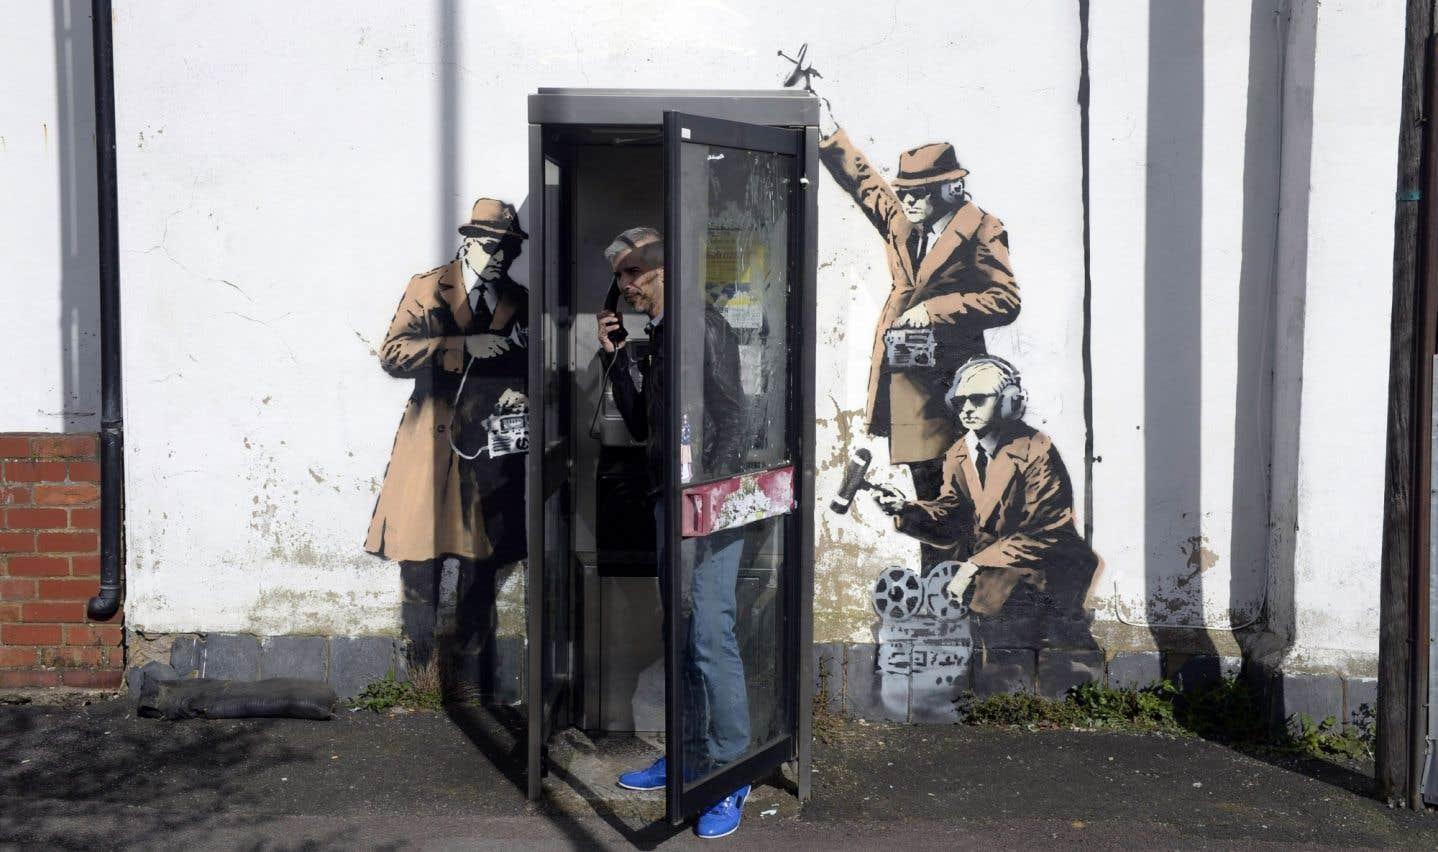 De l'art pour dénoncer la surveillance